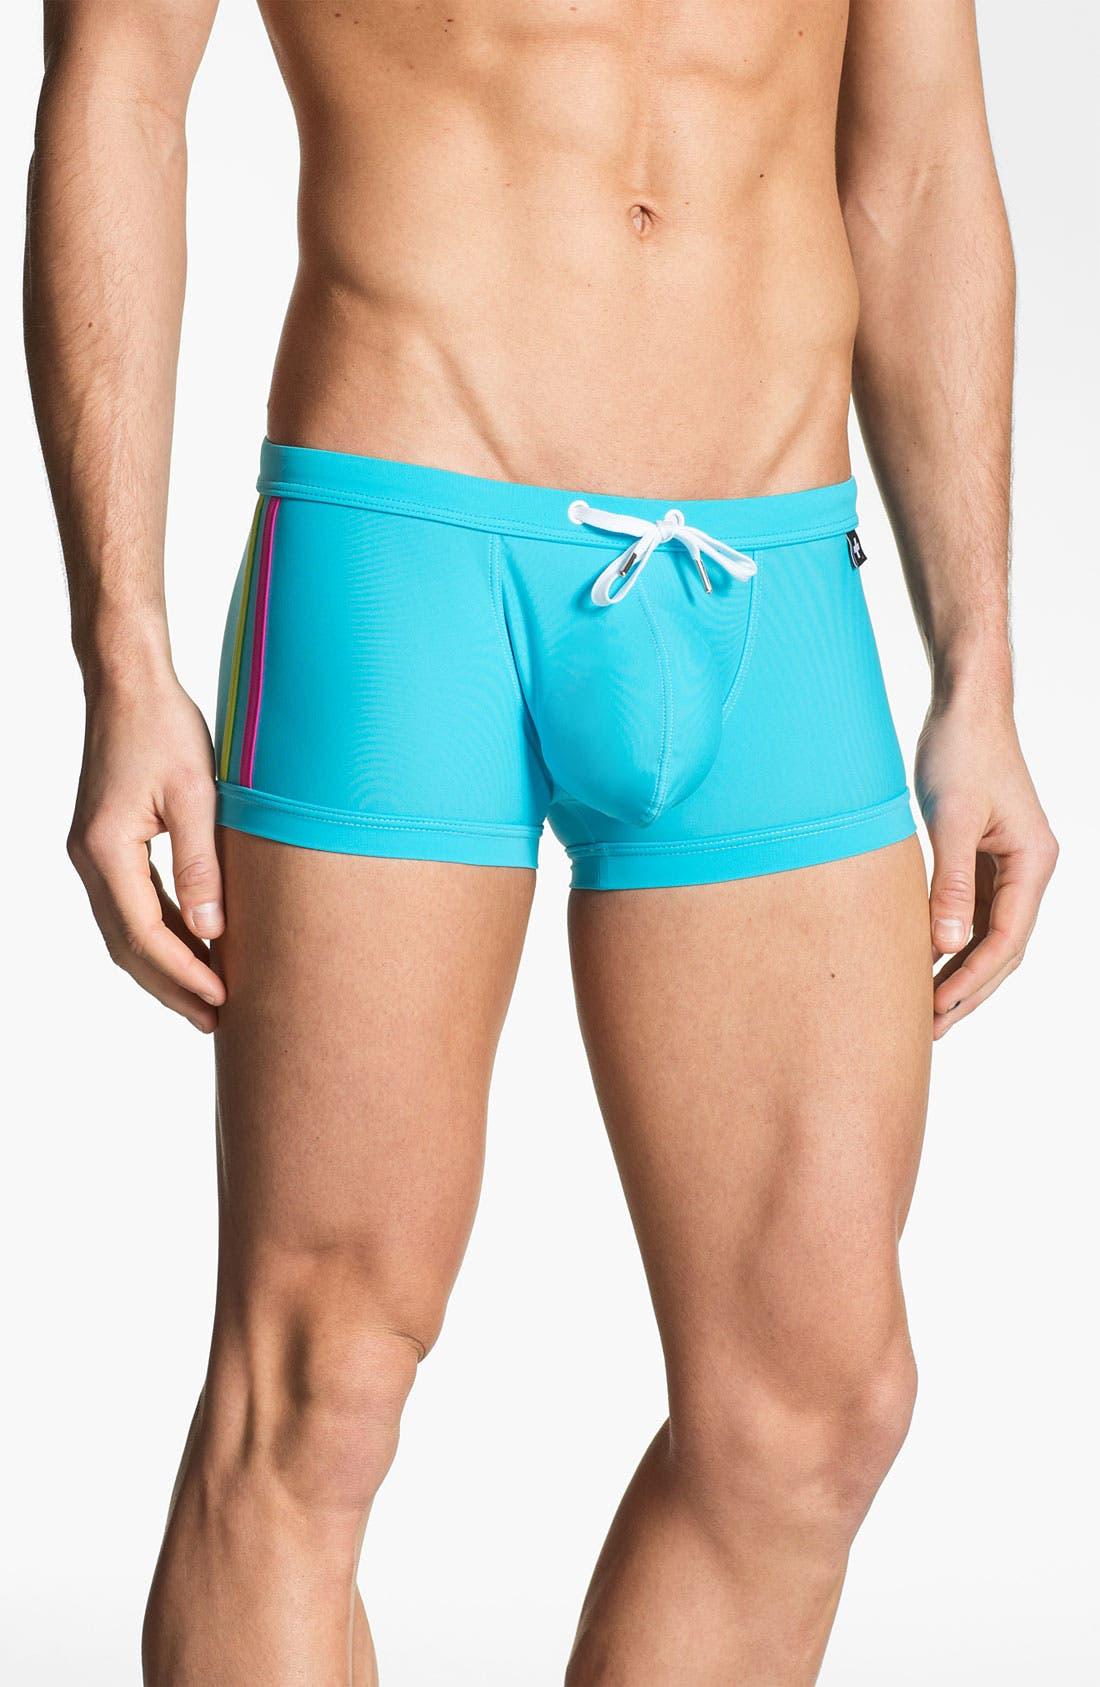 Alternate Image 1 Selected - Andrew Christian 'Almost Naked - Triathlon' Swim Trunks